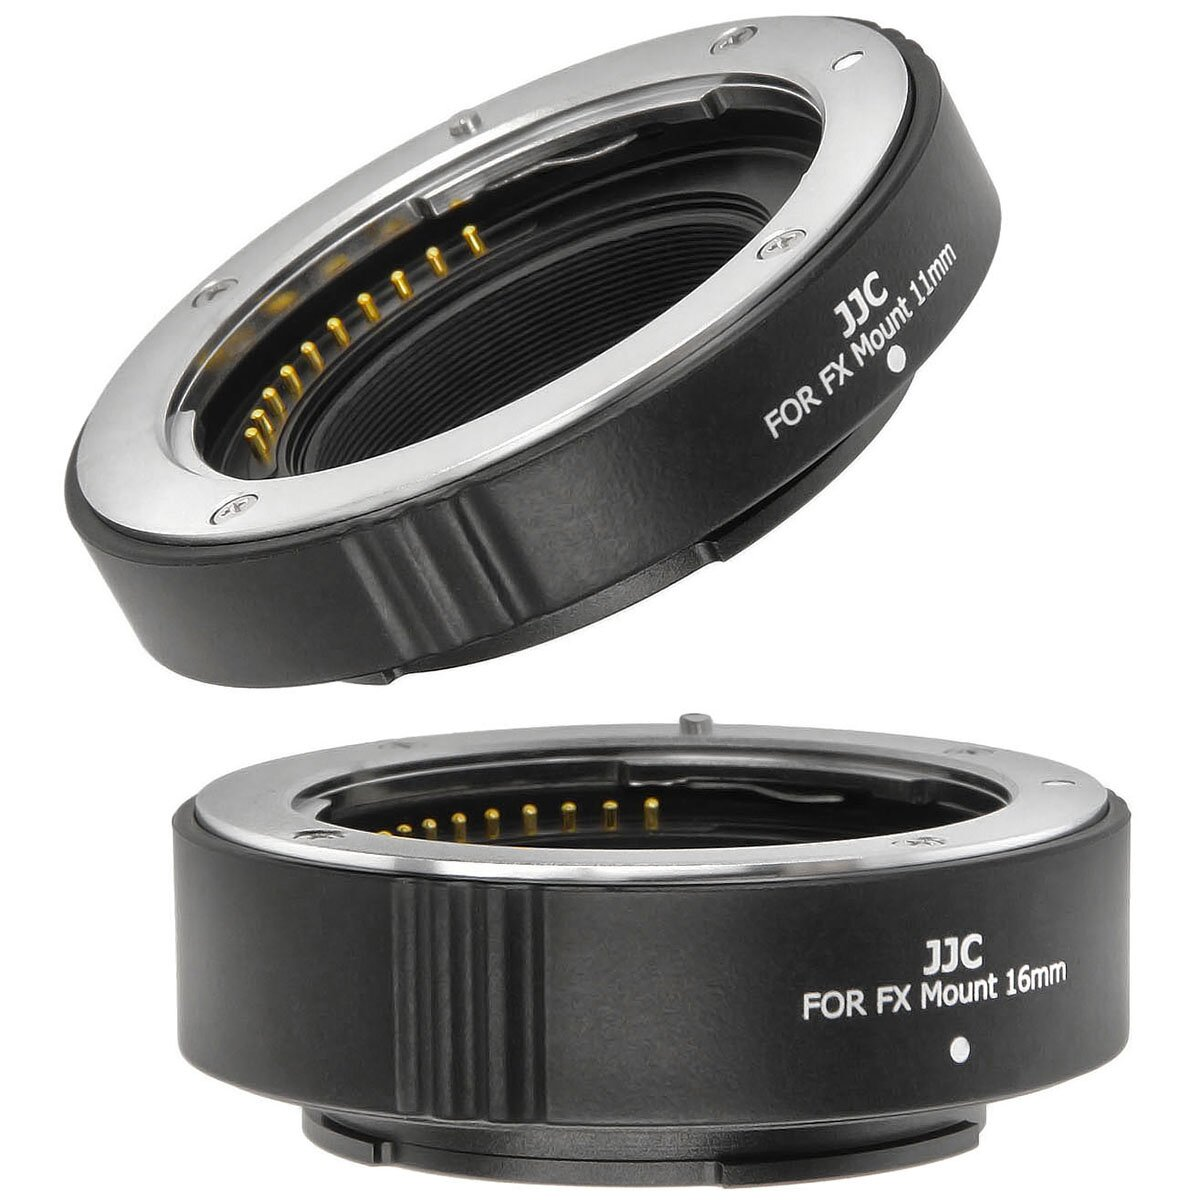 JJC Zwischenring Autofokus kompatibel mit Fujifilm X-Mount 11mm und 16mm geeignet für Makroaufnahmen mit Autofunktion und Blendenübertragung